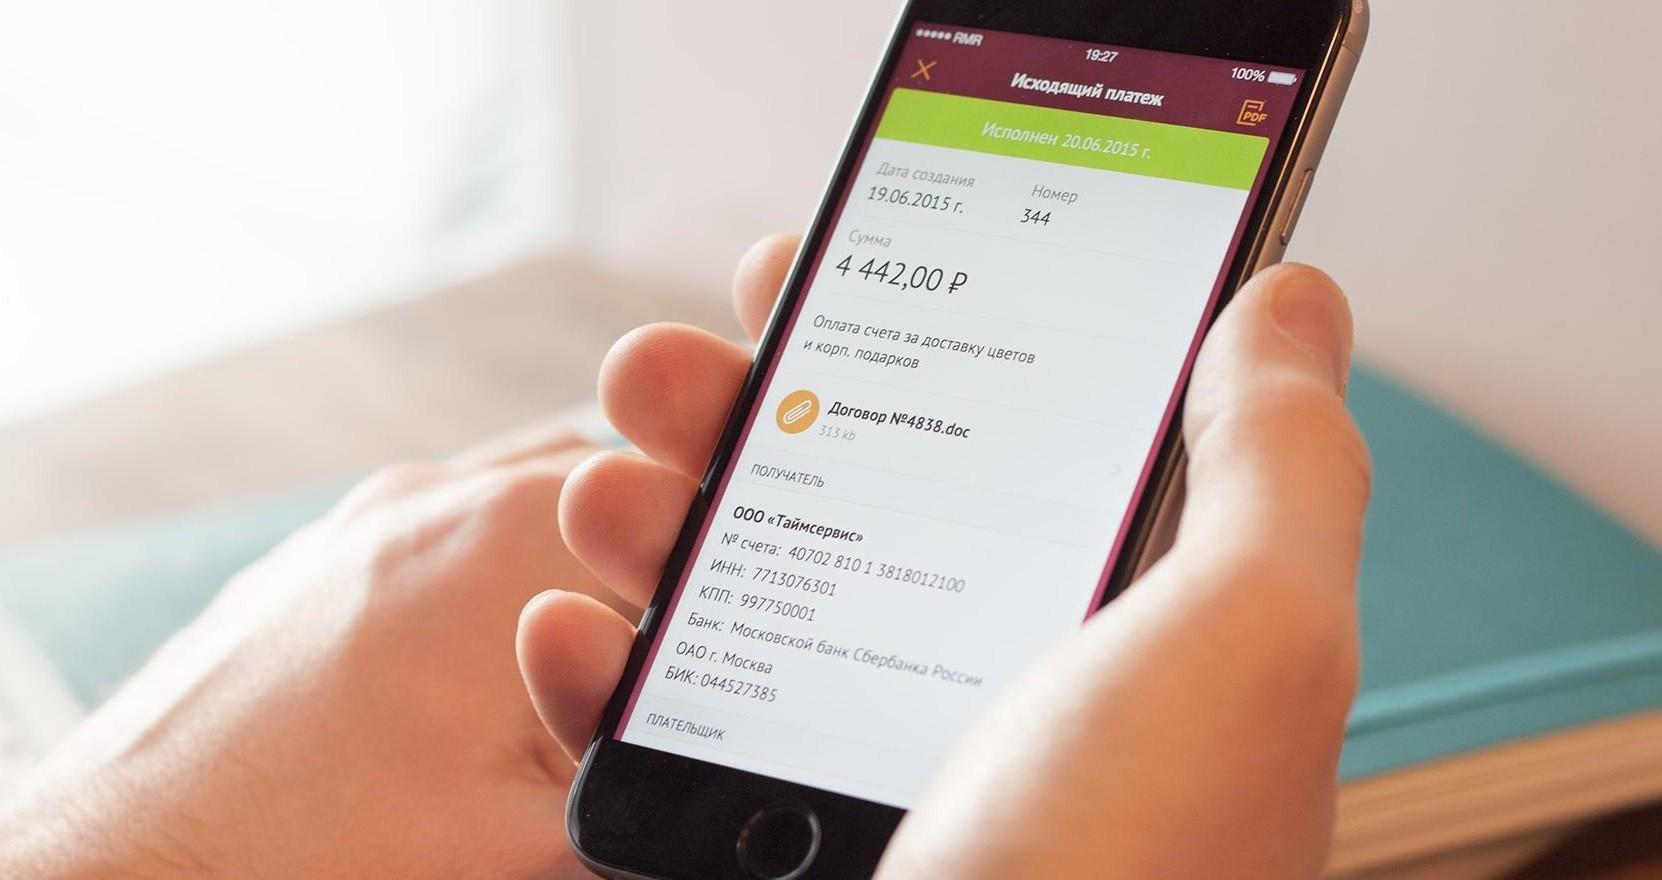 ограничьте свои расходы через мобильный банк